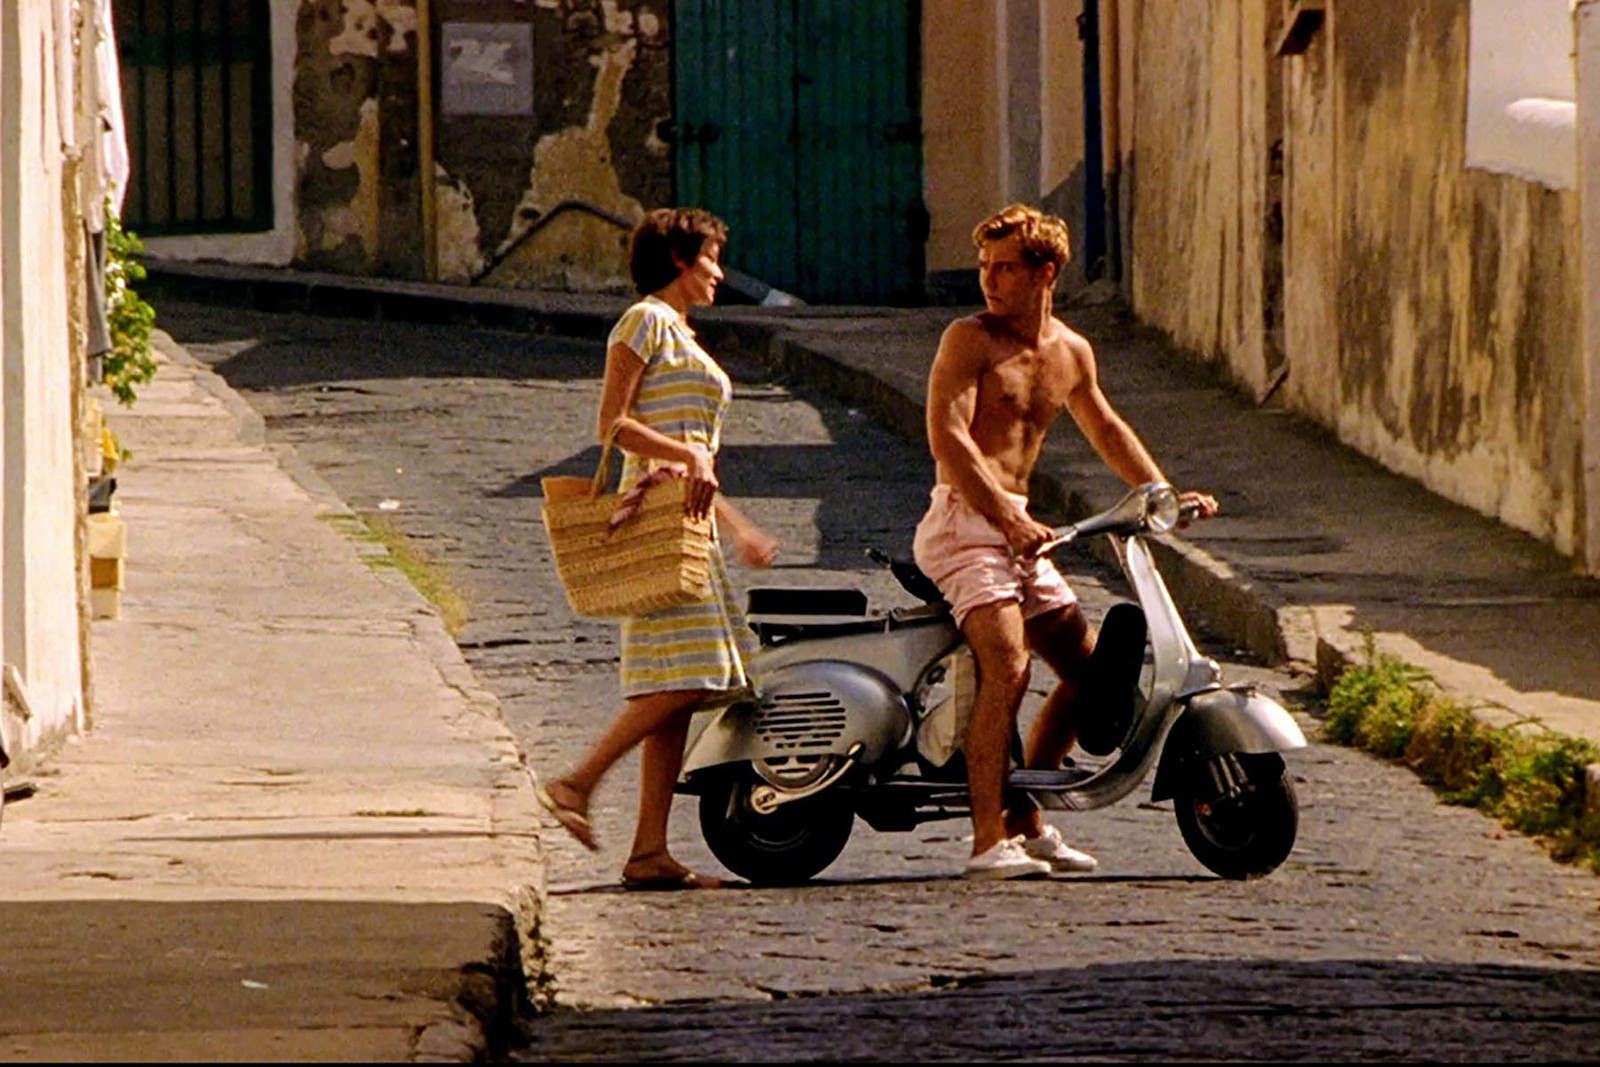 復古風格回潮,意大利還有哪些值得留意的名字?